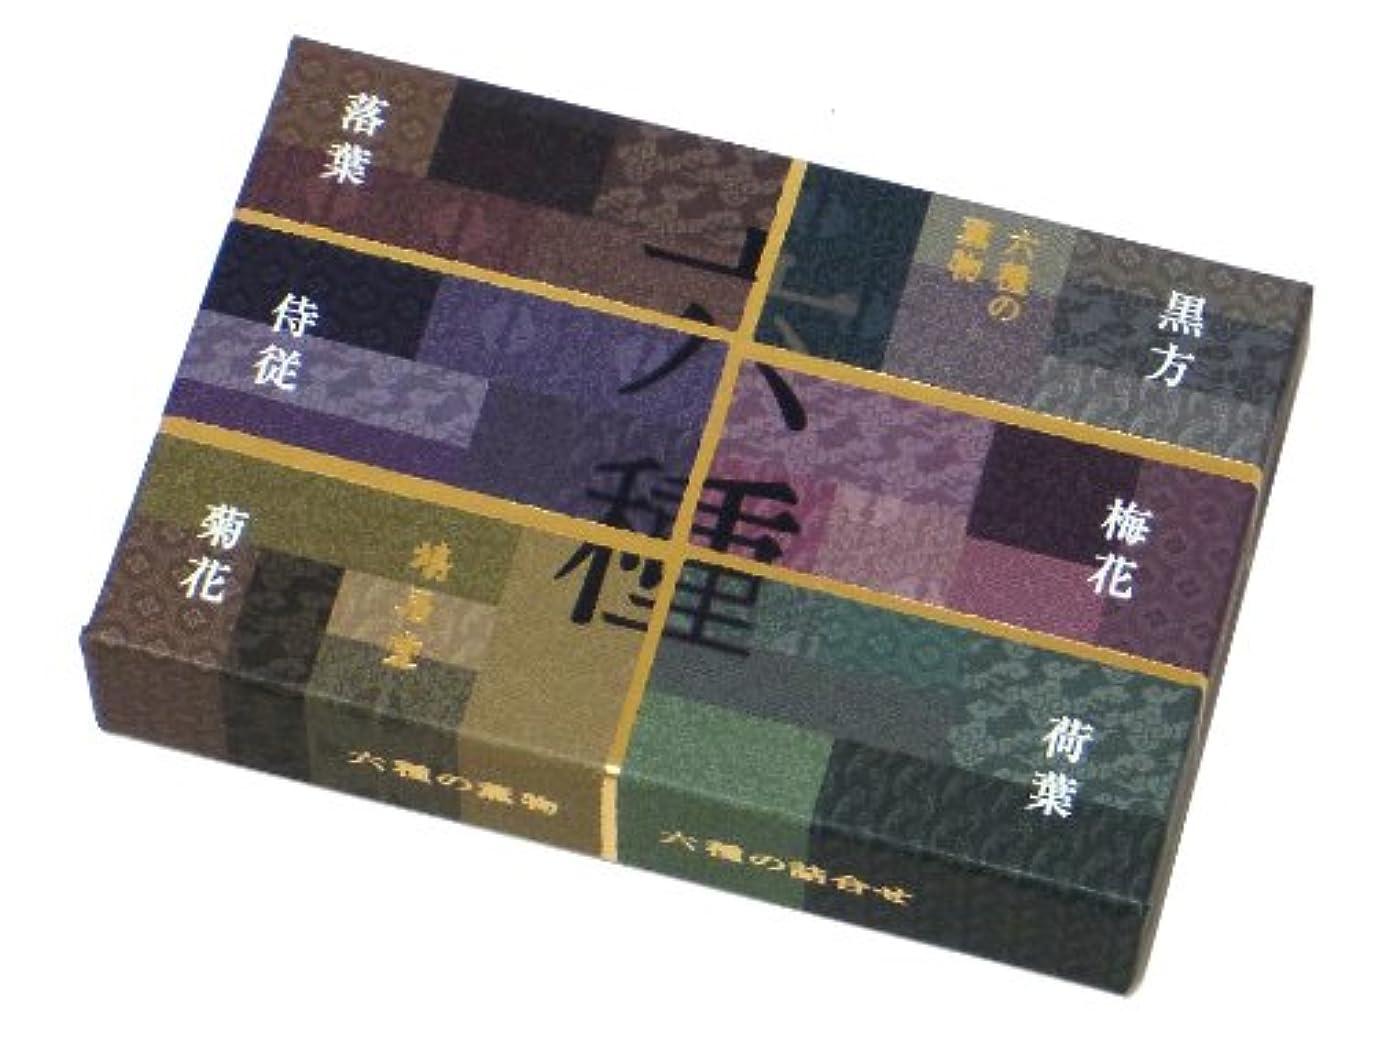 怒り初期幽霊鳩居堂のお香 六種の薫物6種セット 6種類各5本入 6cm 香立入